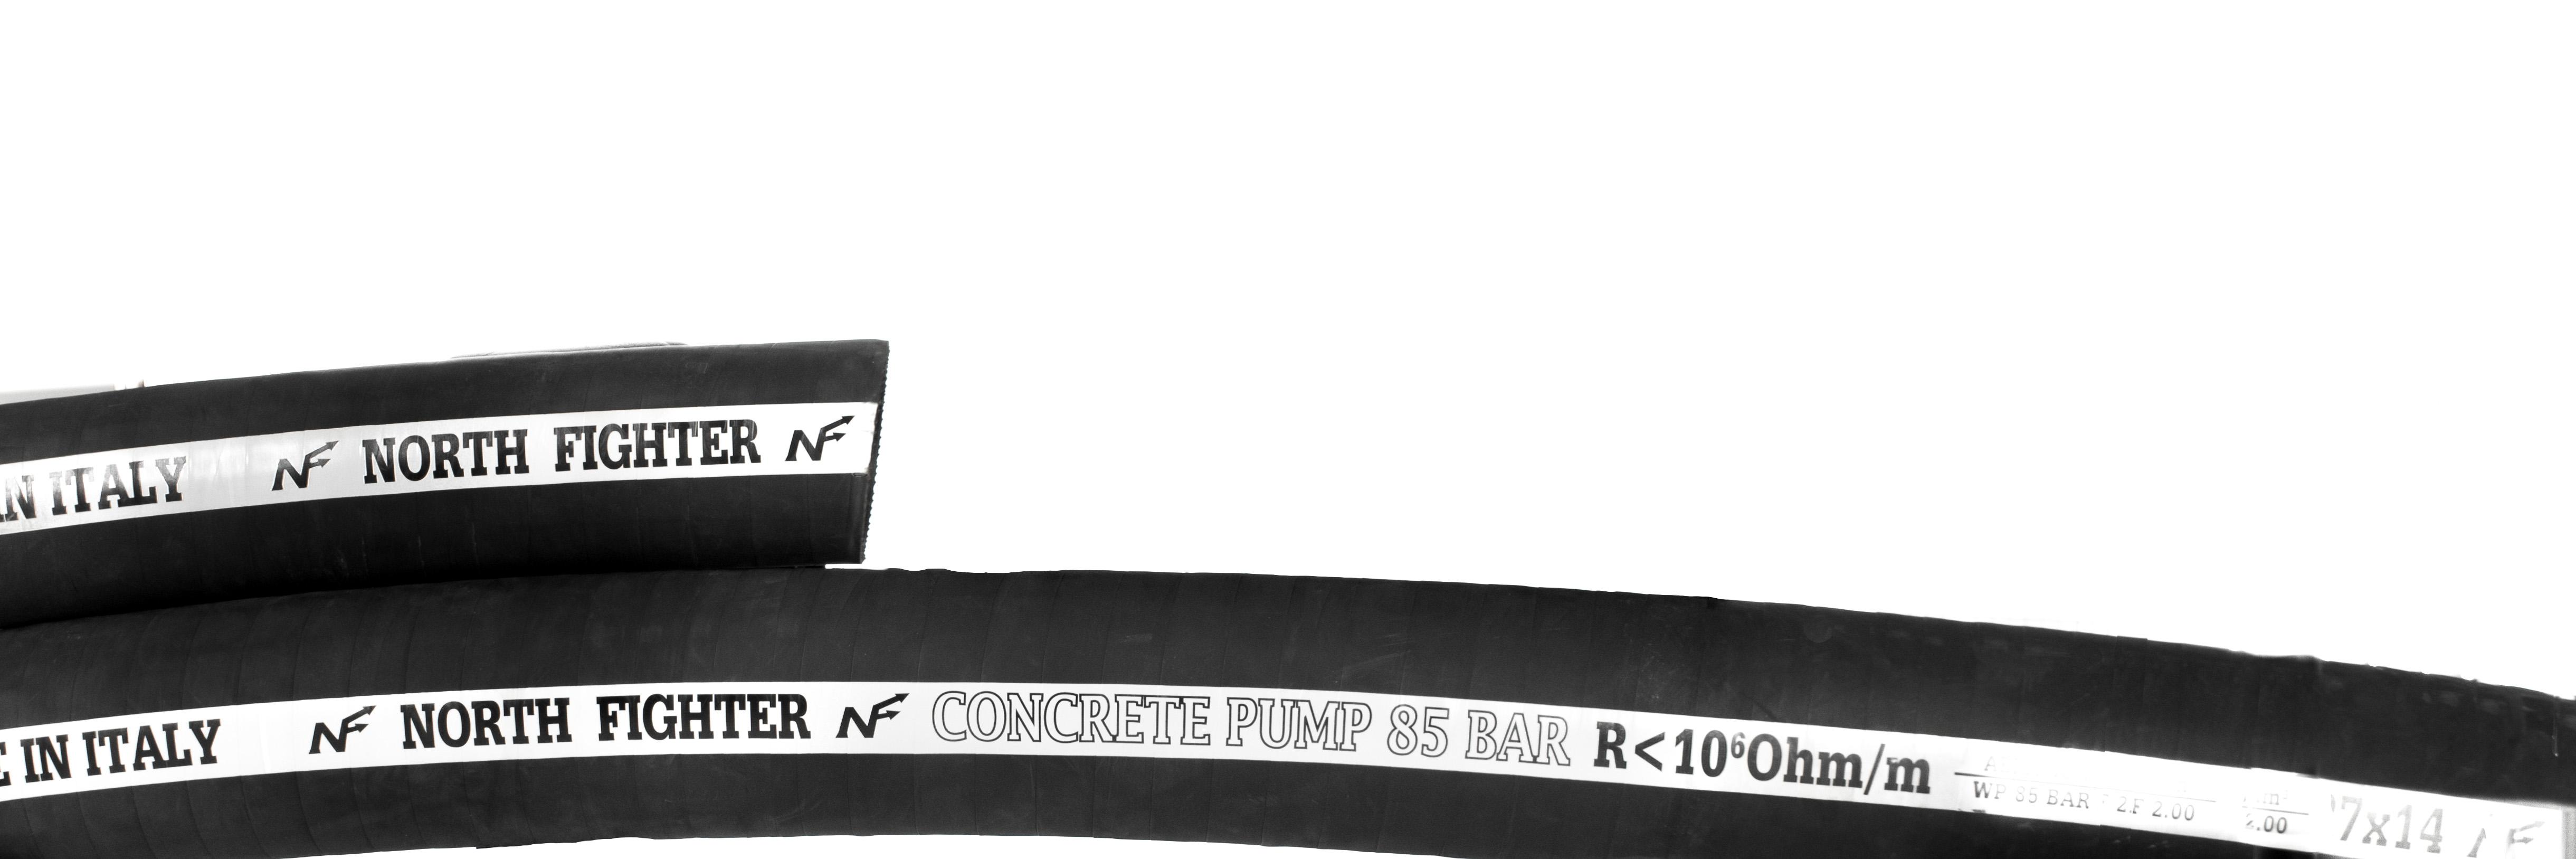 Wąż do pomp betonu NORTH FIGHTER®